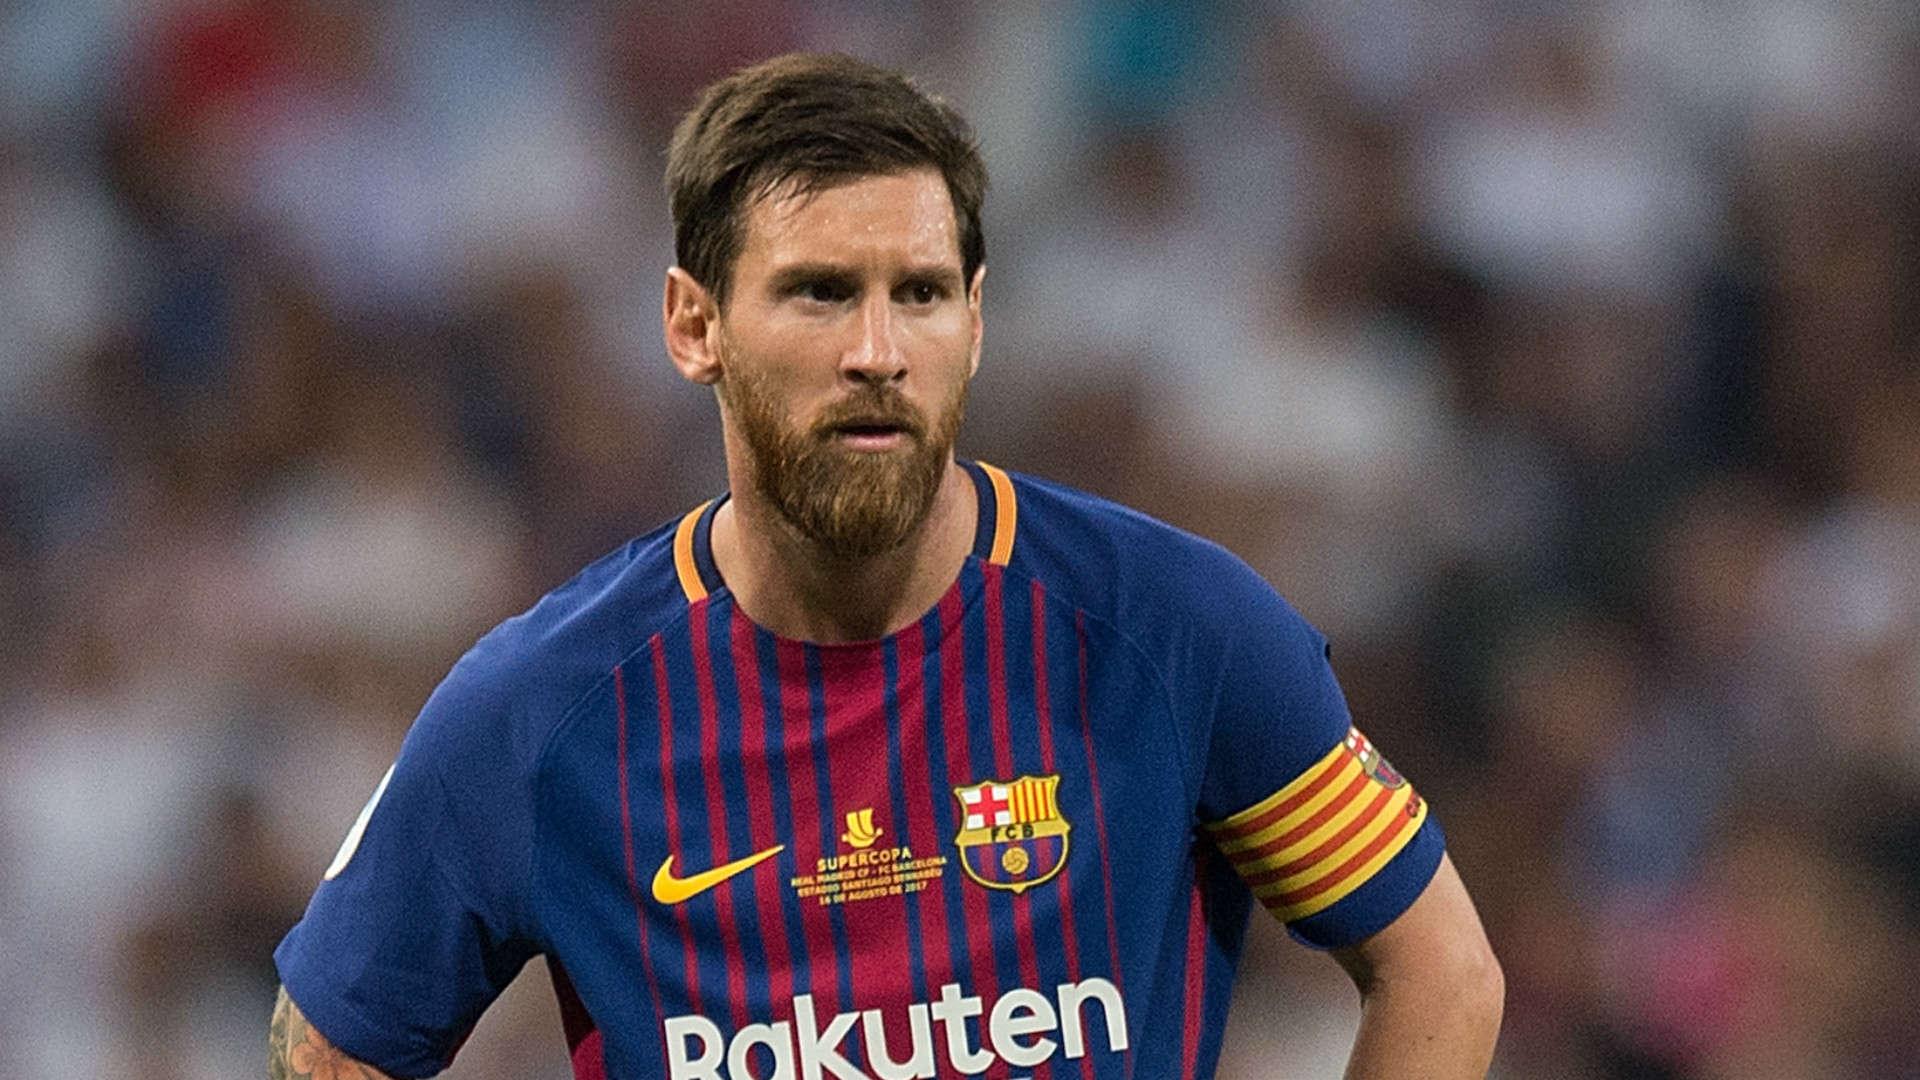 Thể lực của Messi đã được cải thiện đáng kể